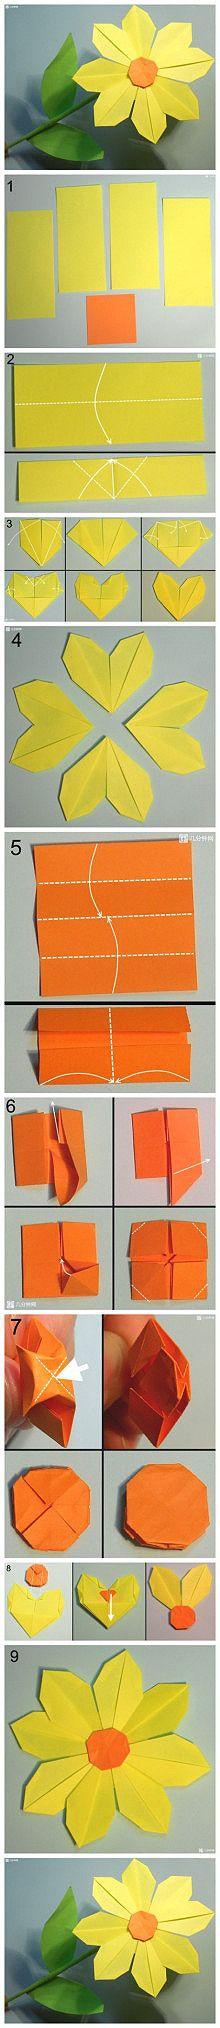 Combinación de origami y una flores frescas pequeñas